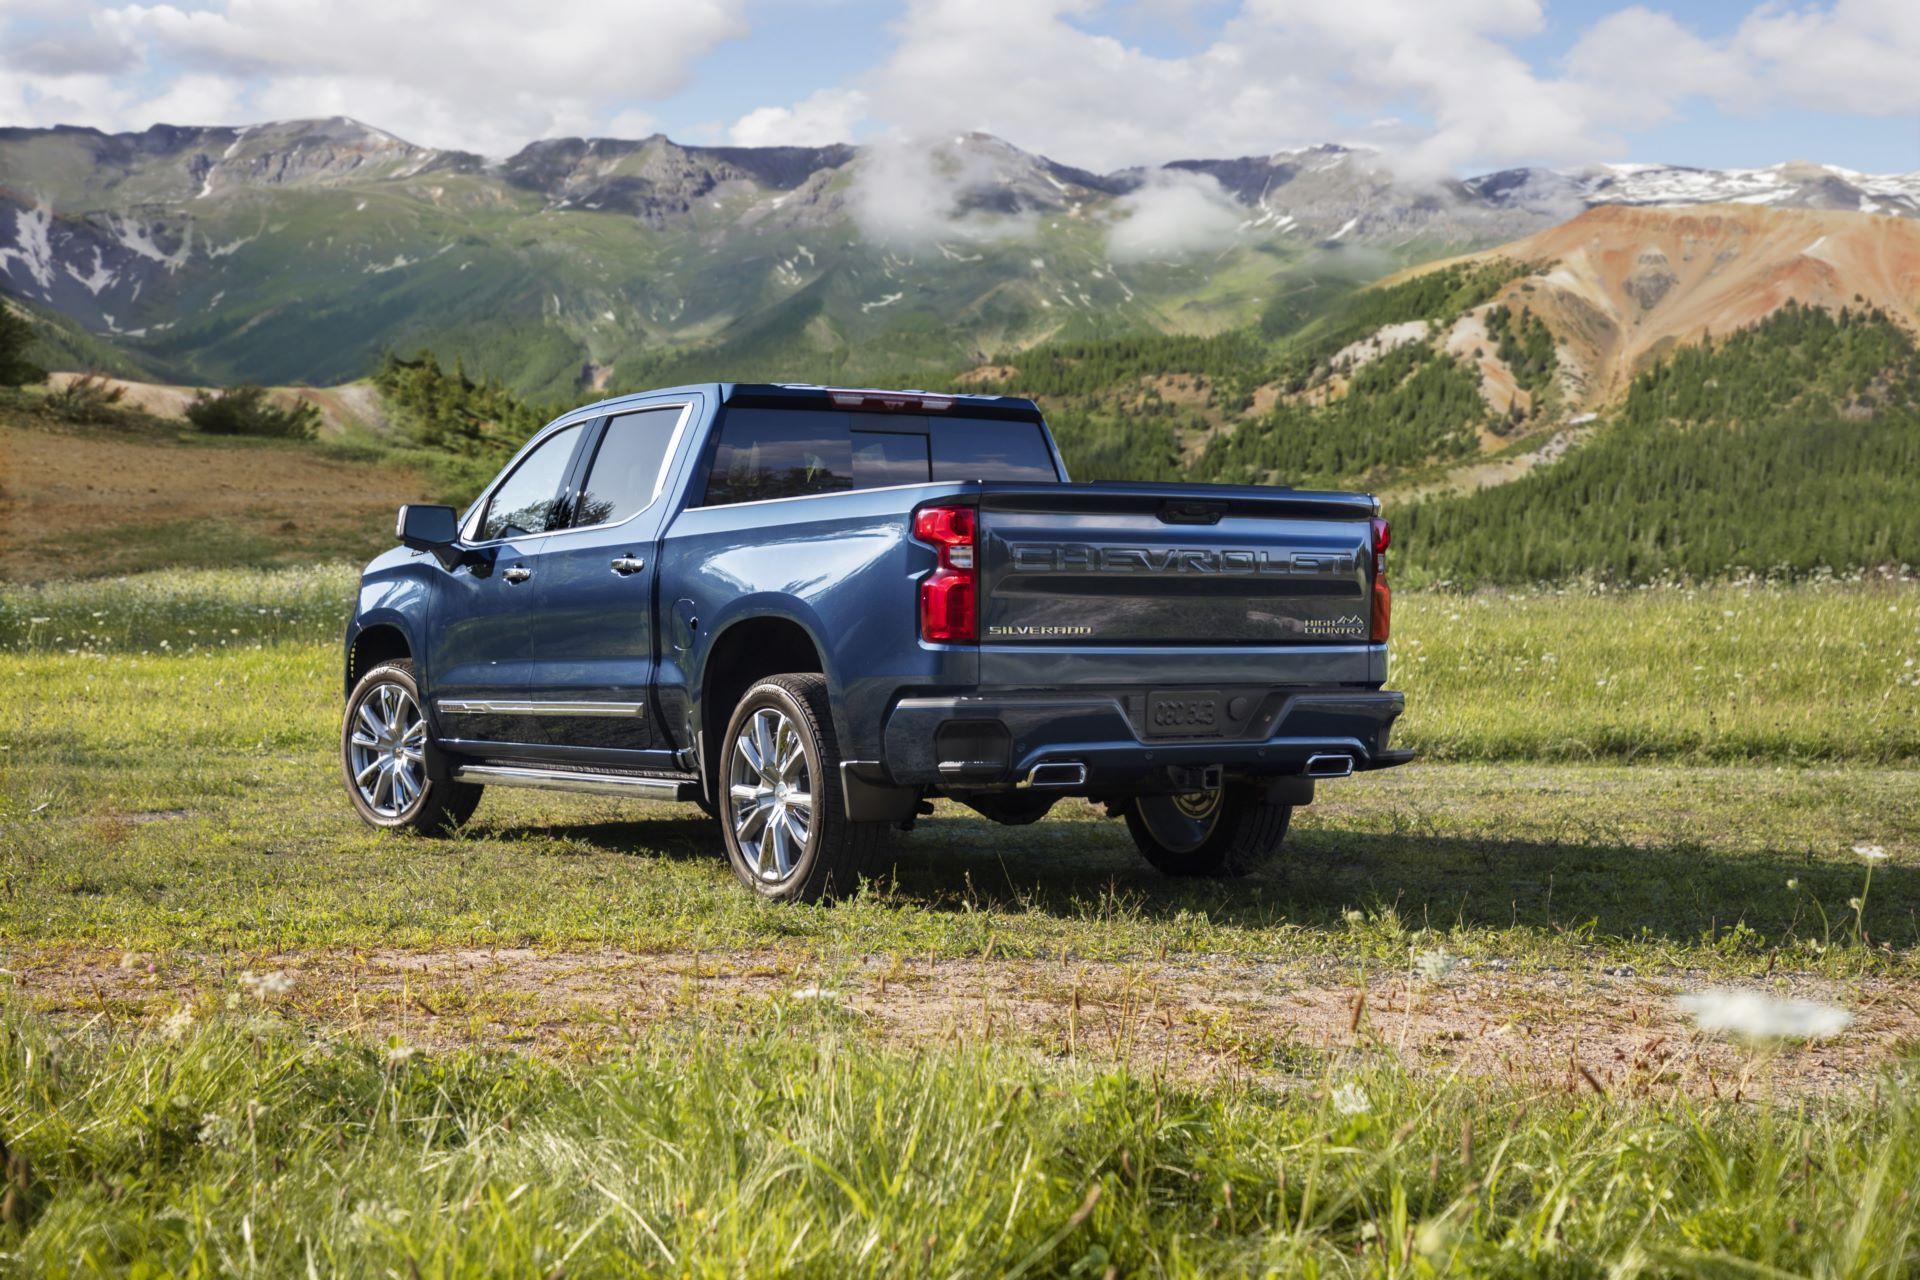 2022-Chevrolet-Silverado-HighCountry-014